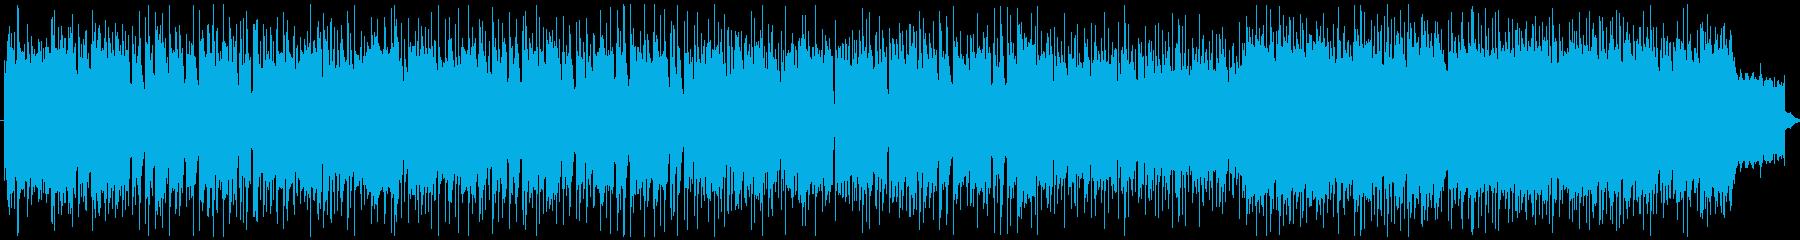 弦楽隊を混ぜた疾走感のあるゲーム系戦闘曲の再生済みの波形